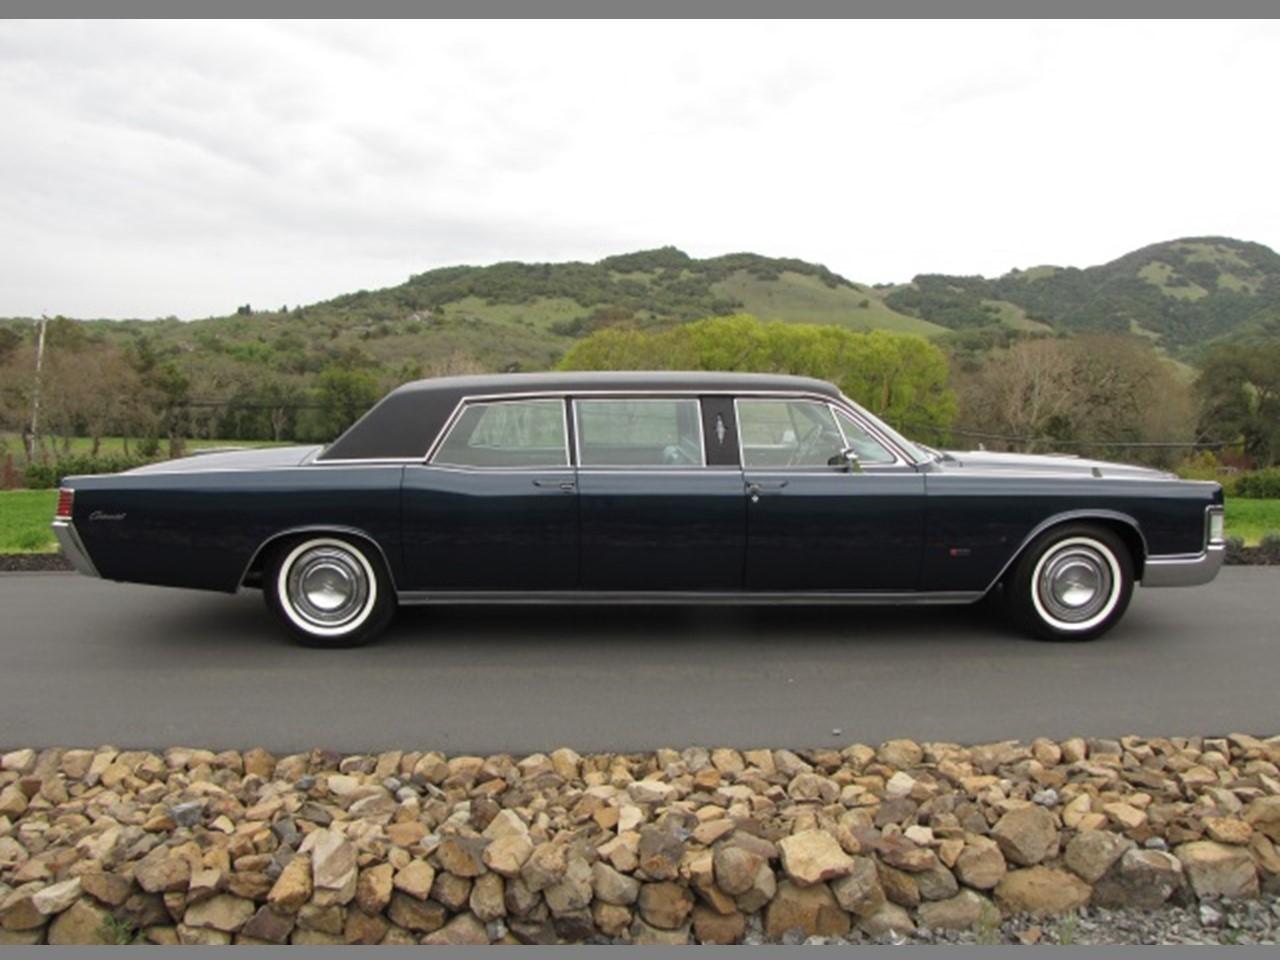 1968 Lehmann-Peterson Limousine